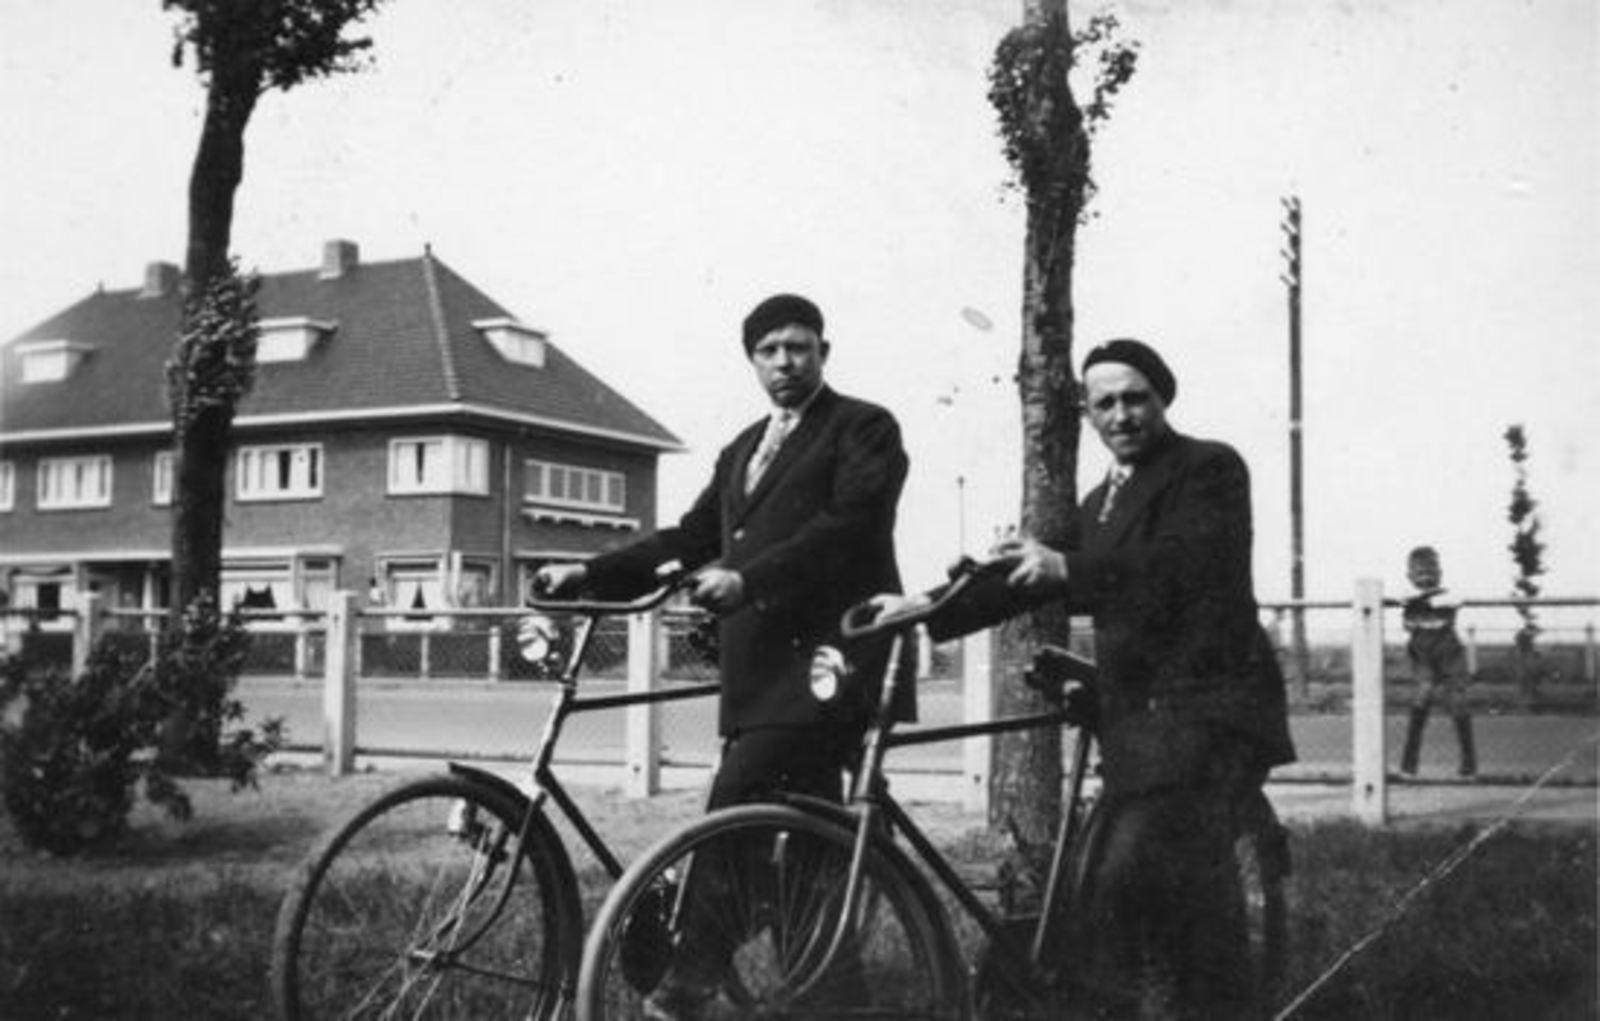 <b>ZOEKPLAATJE:</b>Broere Daniel 1890 19__ met Onbekend in Tuin Wilhelminalaan 0